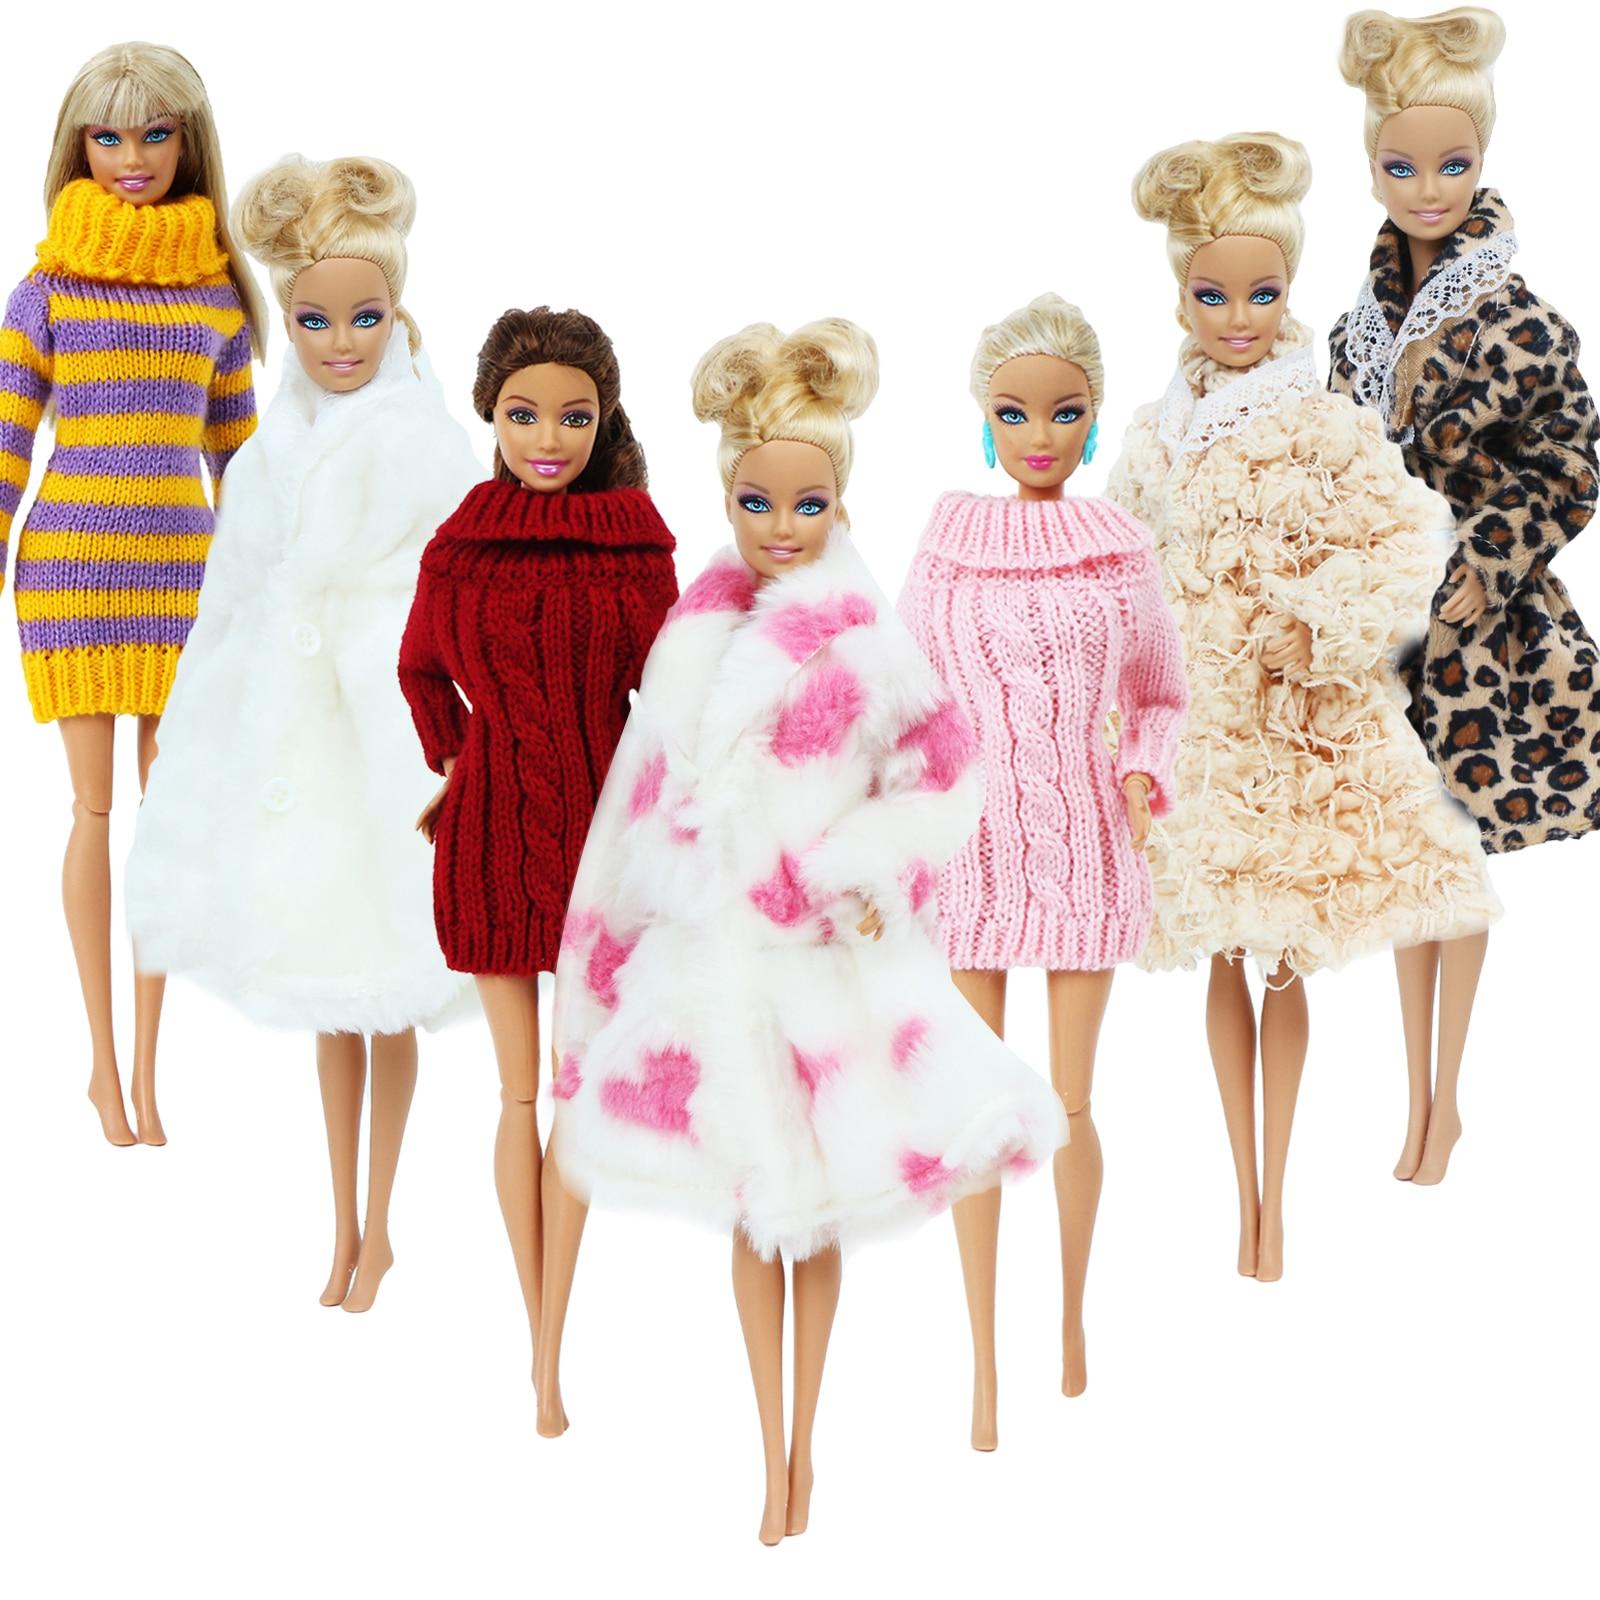 1 Conjunto de ropa de invierno de punto de cuello de tortuga bata peluda para muñeca Barbie de juguete de 12 pulgadas. Accesorios lote traje de color